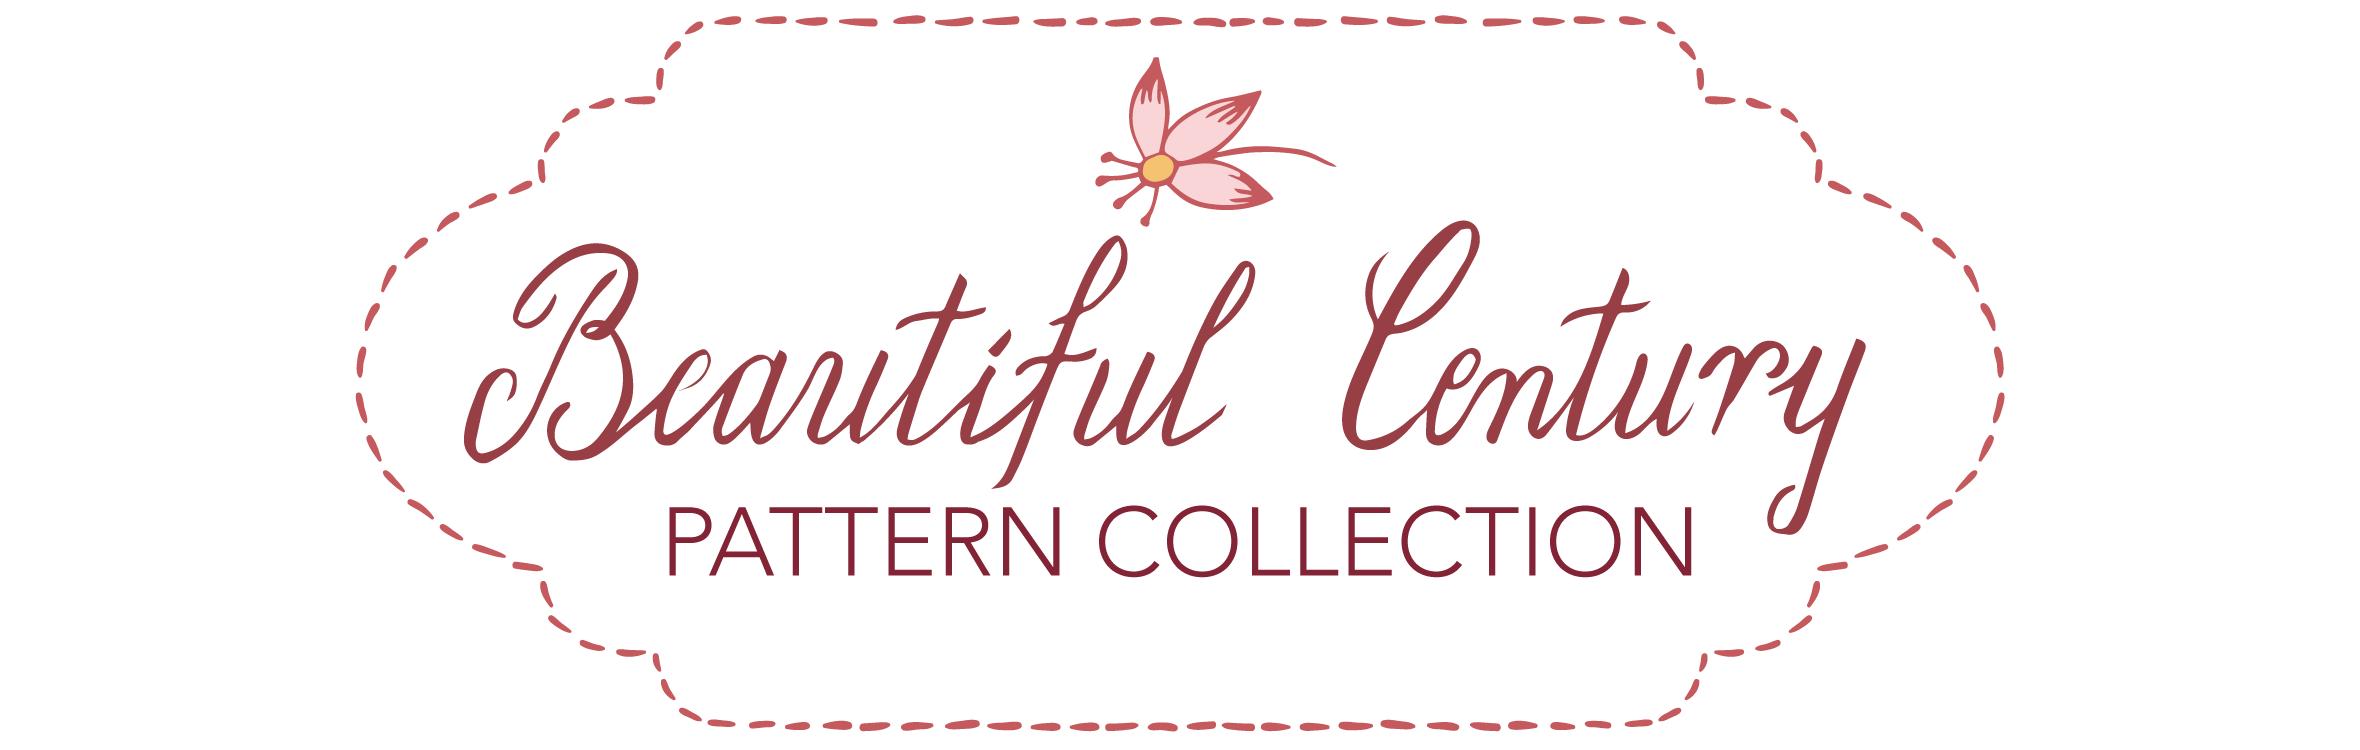 BeautifulCentury-logo-thin.png